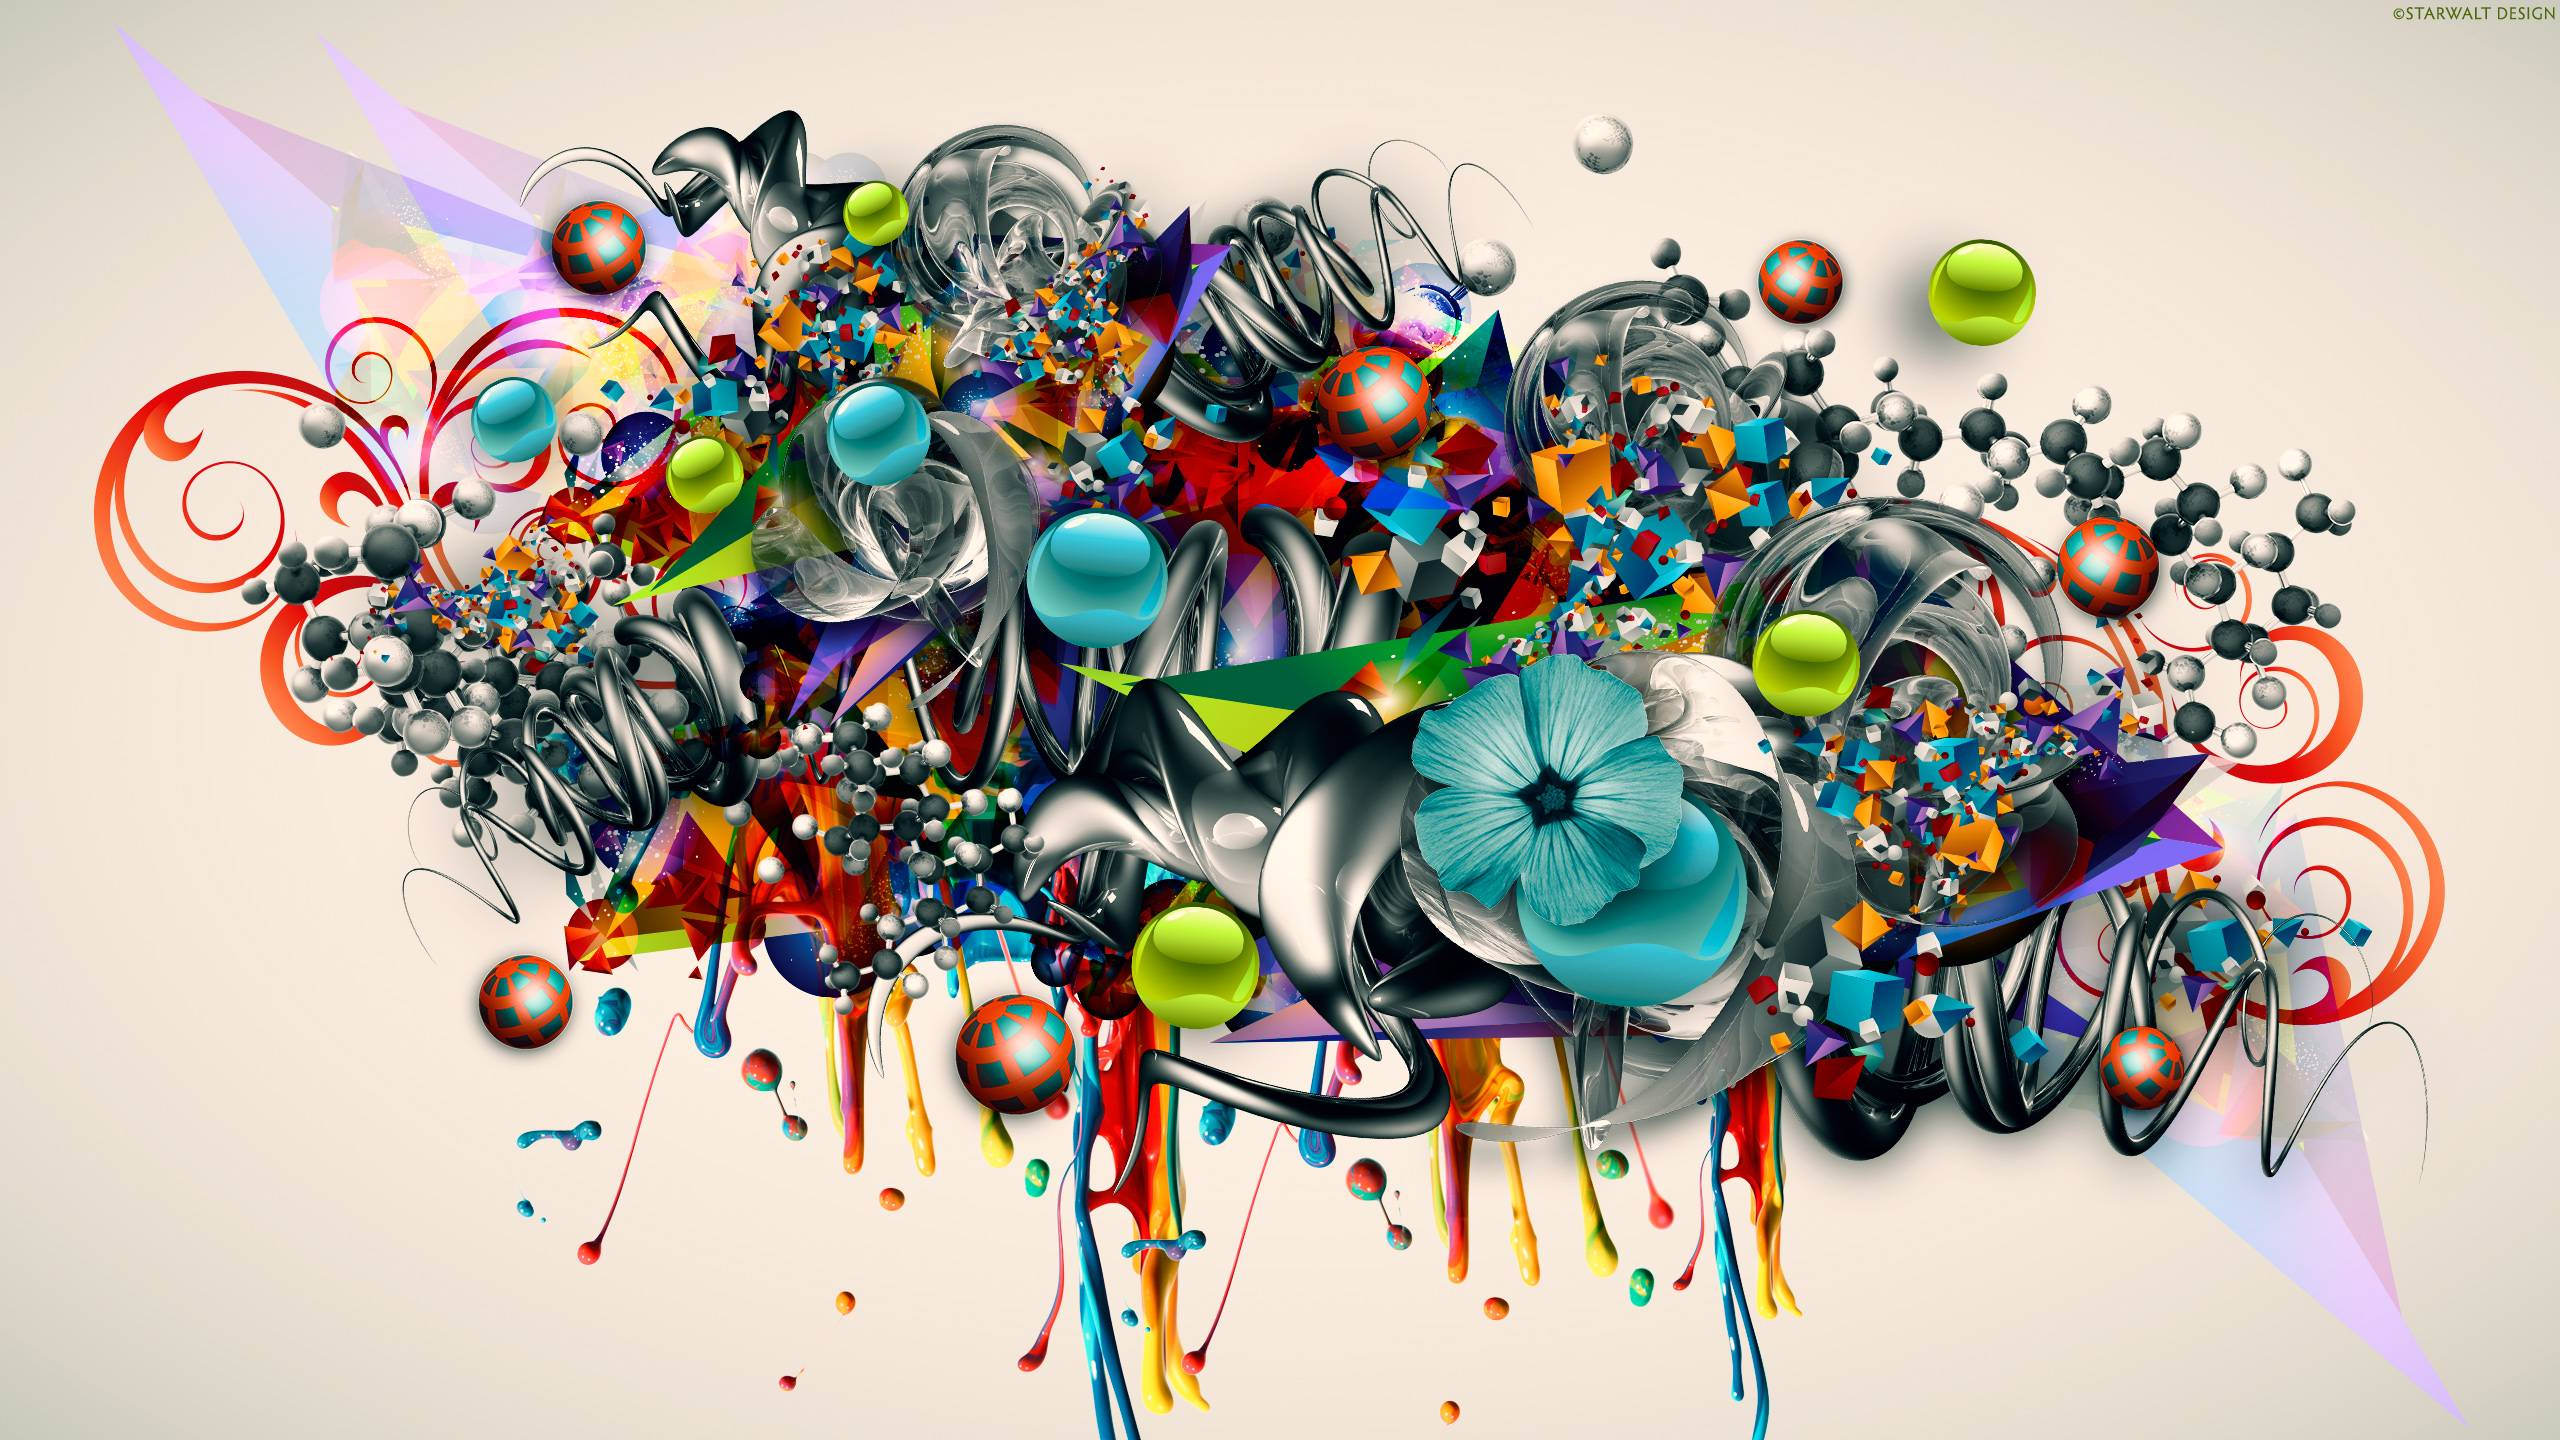 graffiti art wallpaper #10